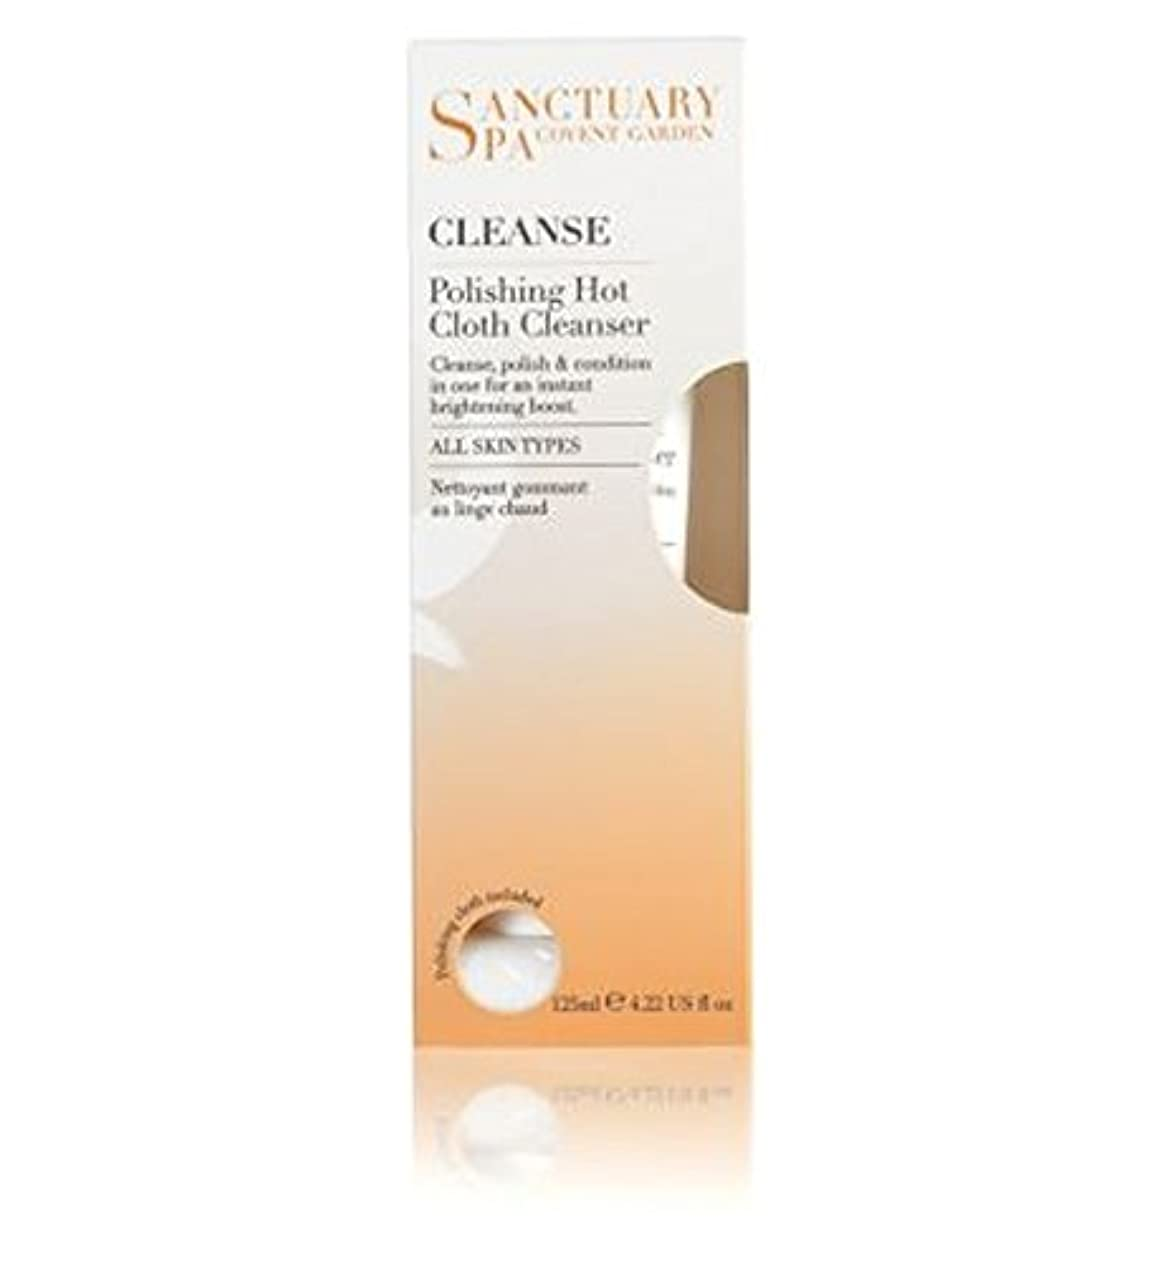 エステート制裁サバントSanctuary Spa Polishing Hot Cloth Cleanser - 聖域スパ研磨ホット布クレンザー (Sanctuary) [並行輸入品]